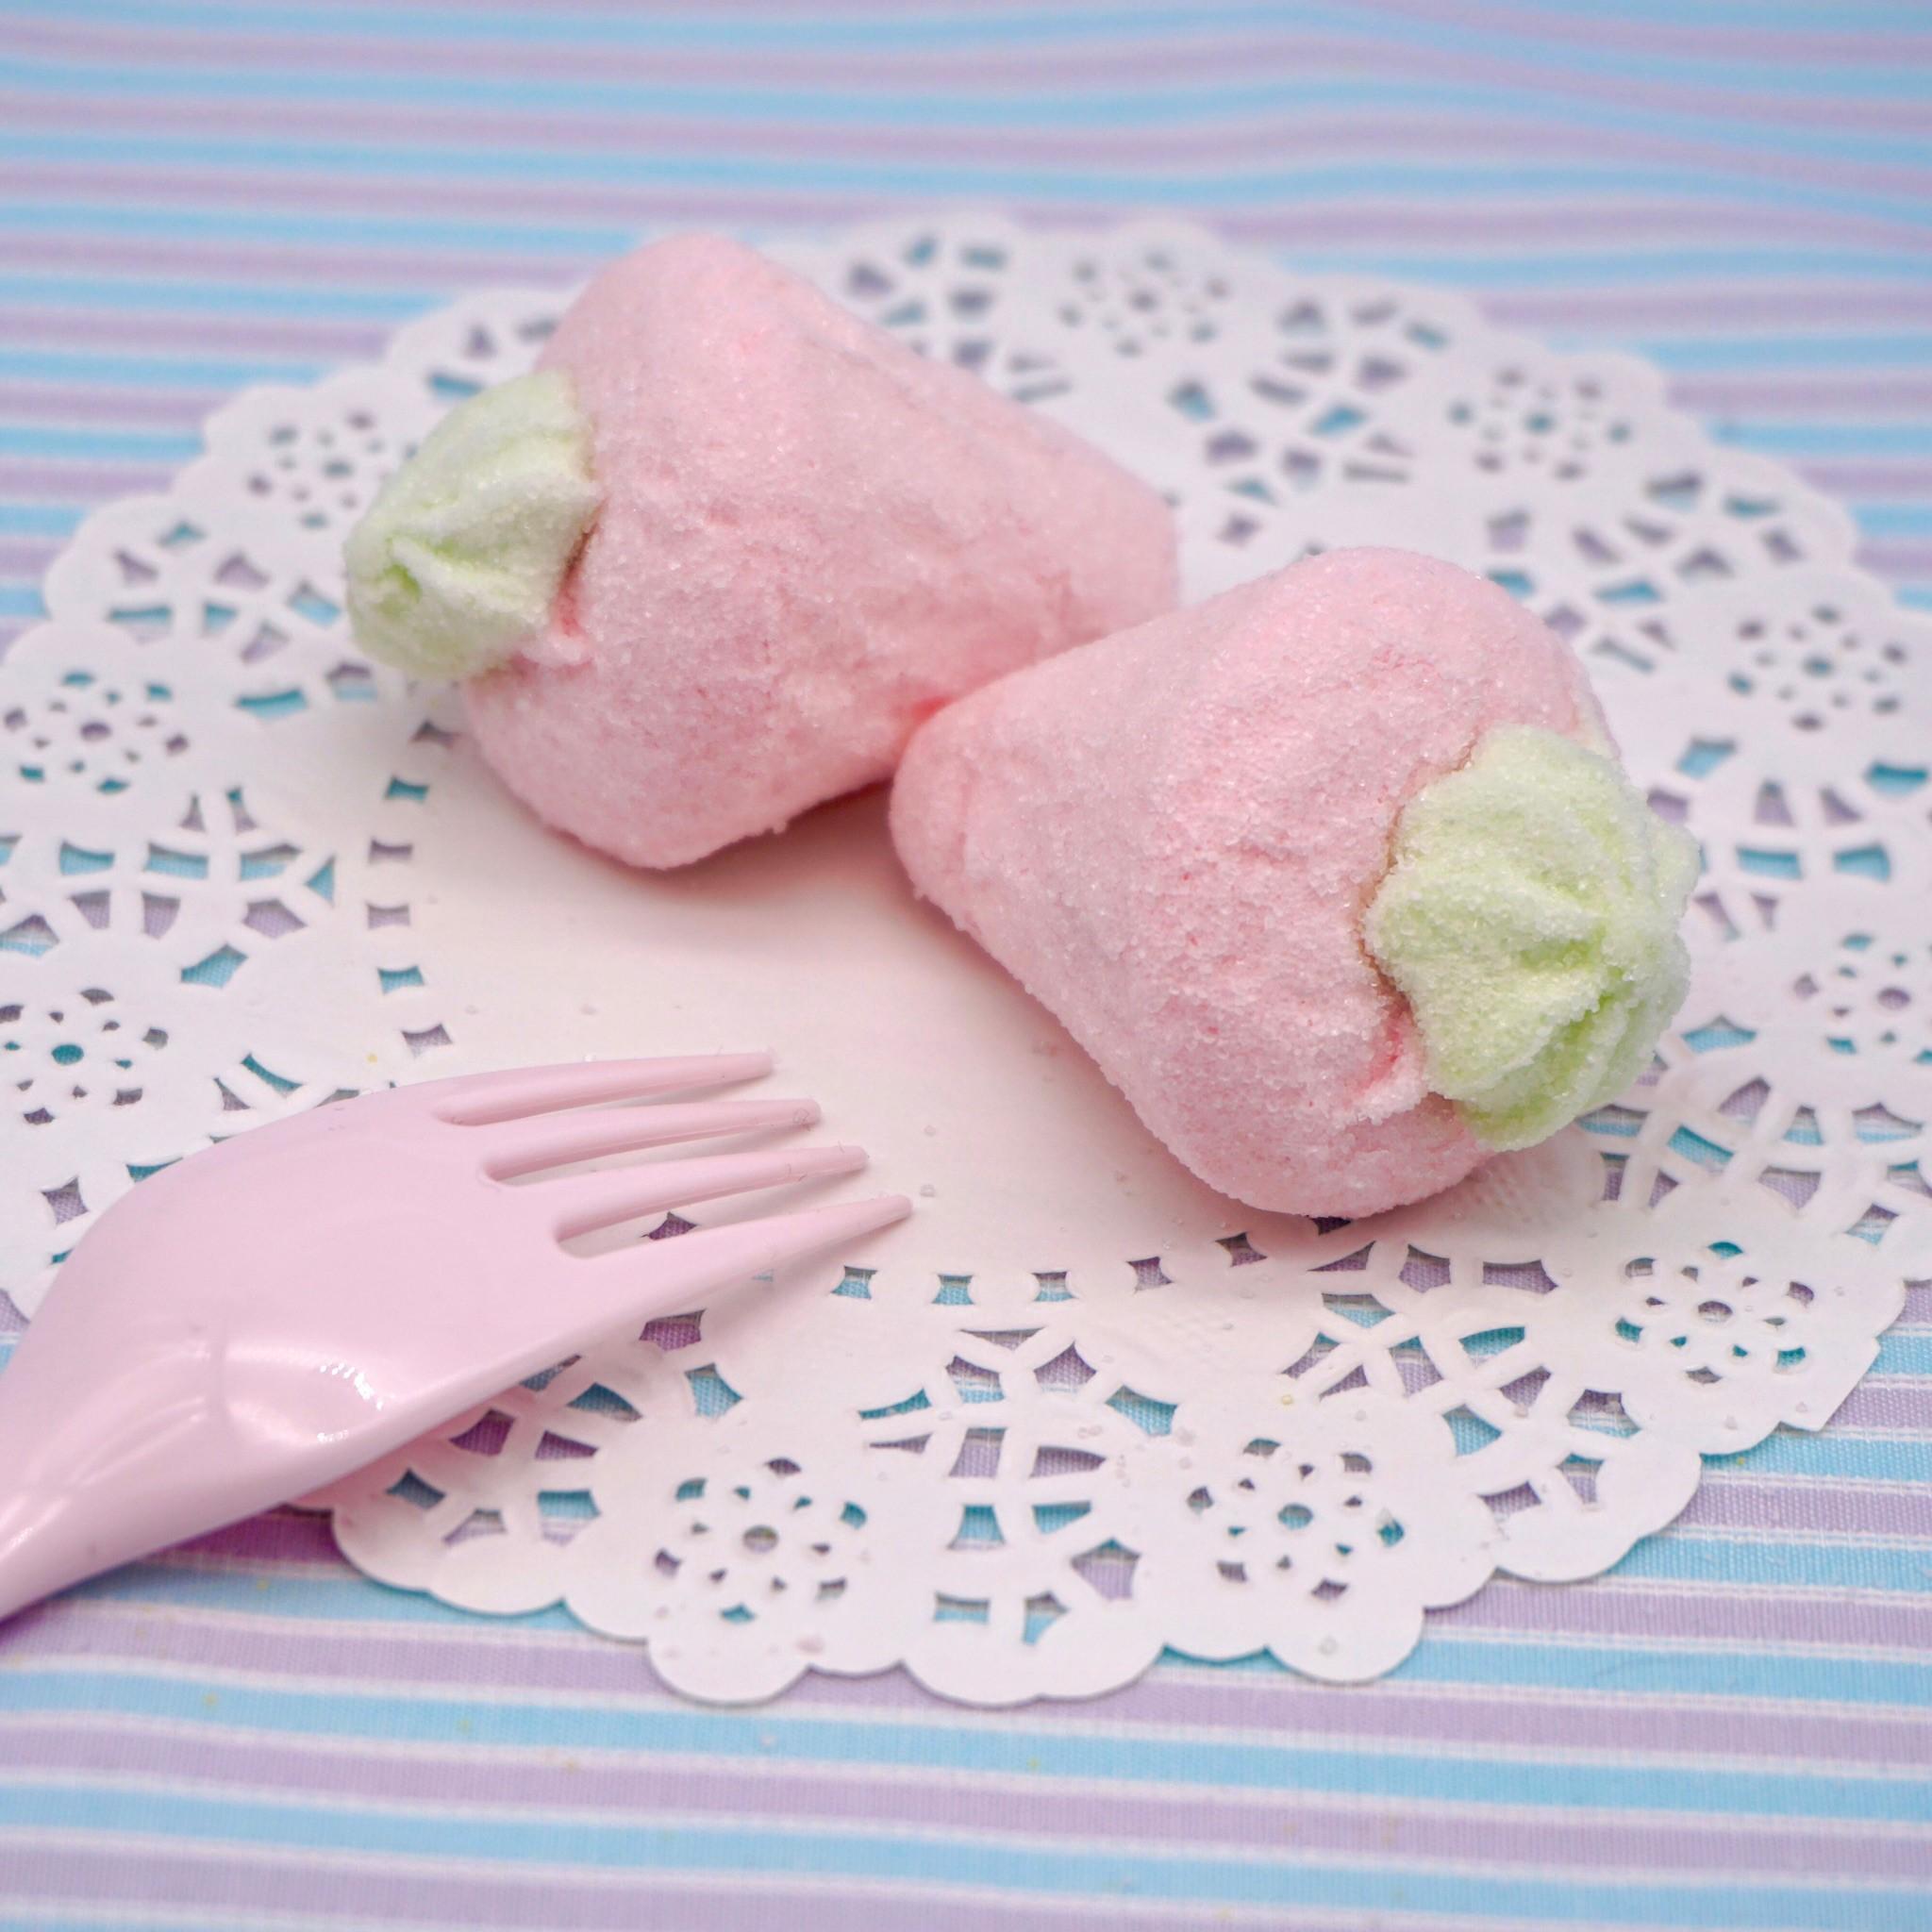 嘴甜甜 寶格麗草莓棉花糖 200公克 棉花糖系列 大草莓 黃色香蕉 棉花糖 義大利 寶格麗 香蕉 草莓 香菇 小花 冰淇淋 現貨